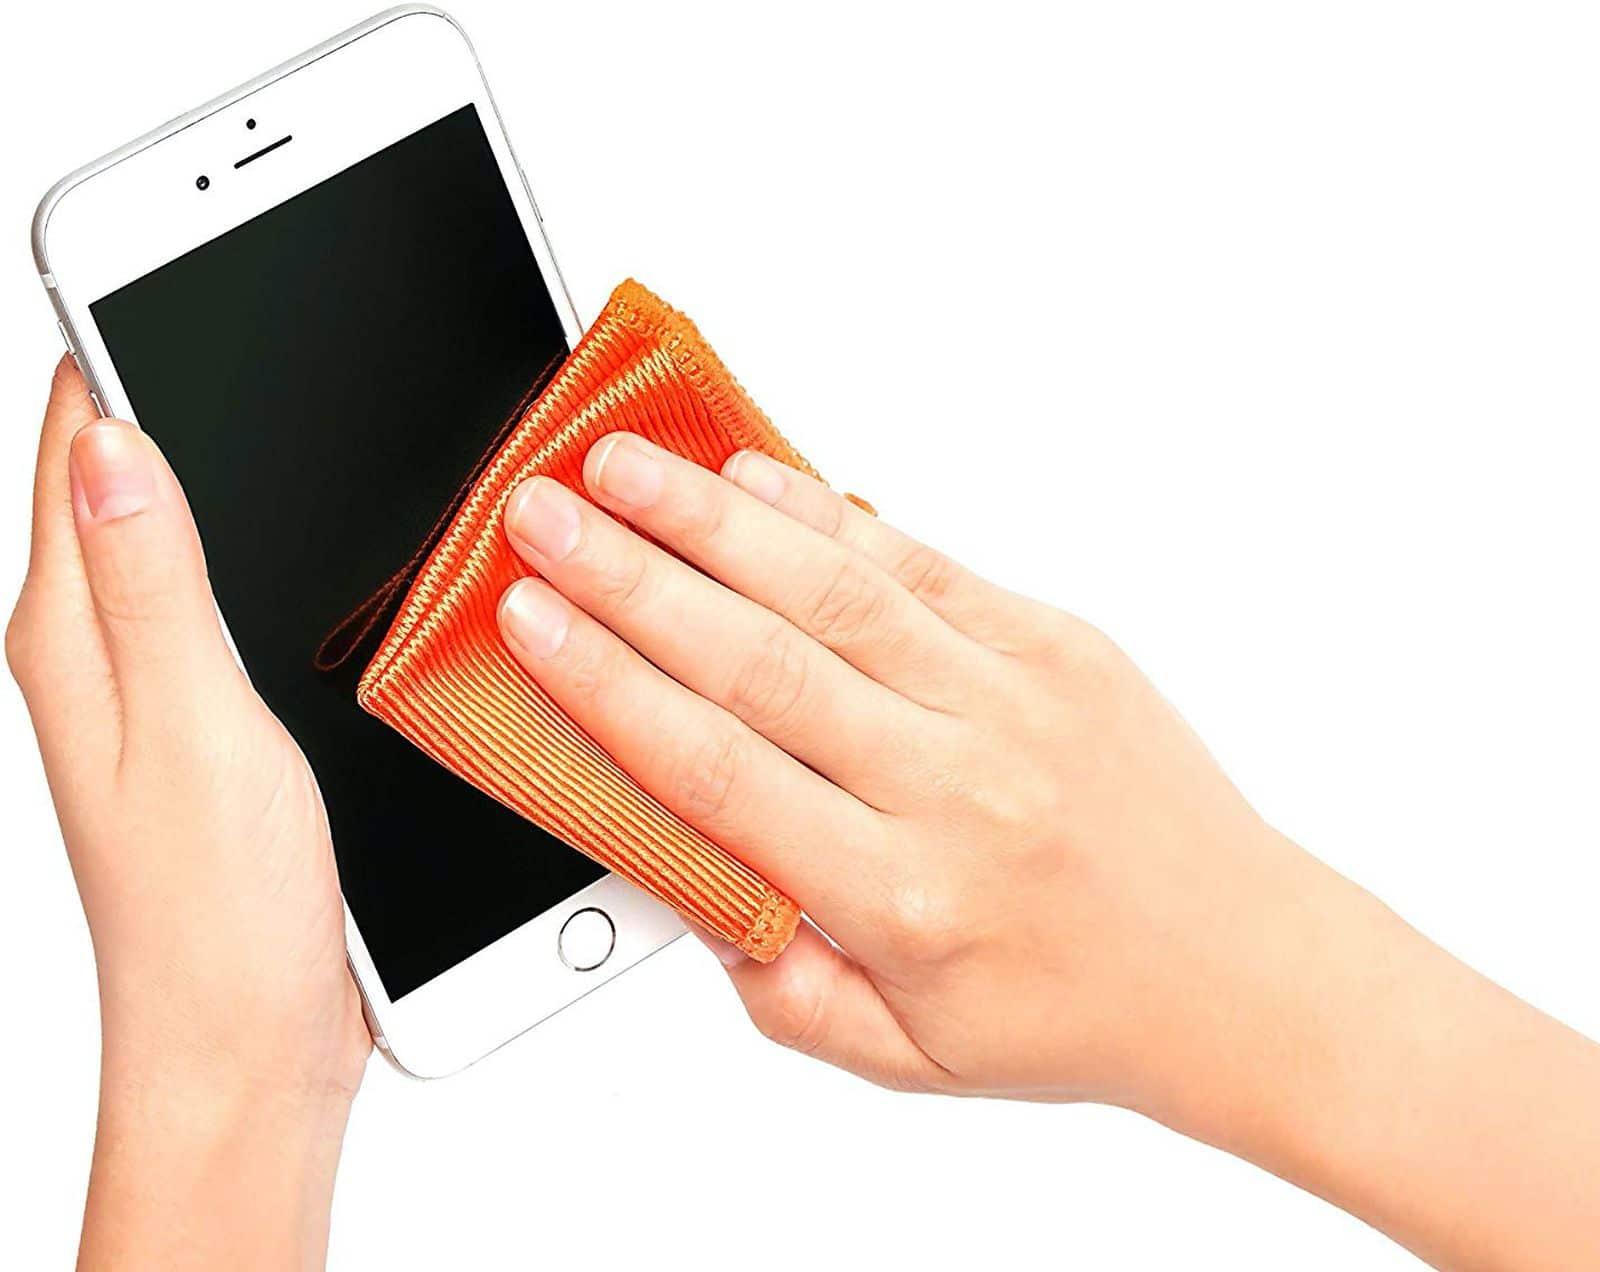 Blog | COVID-19 | Comment nettoyer avec efficacité son iPhone ? |McPrice Paris Trocadéro